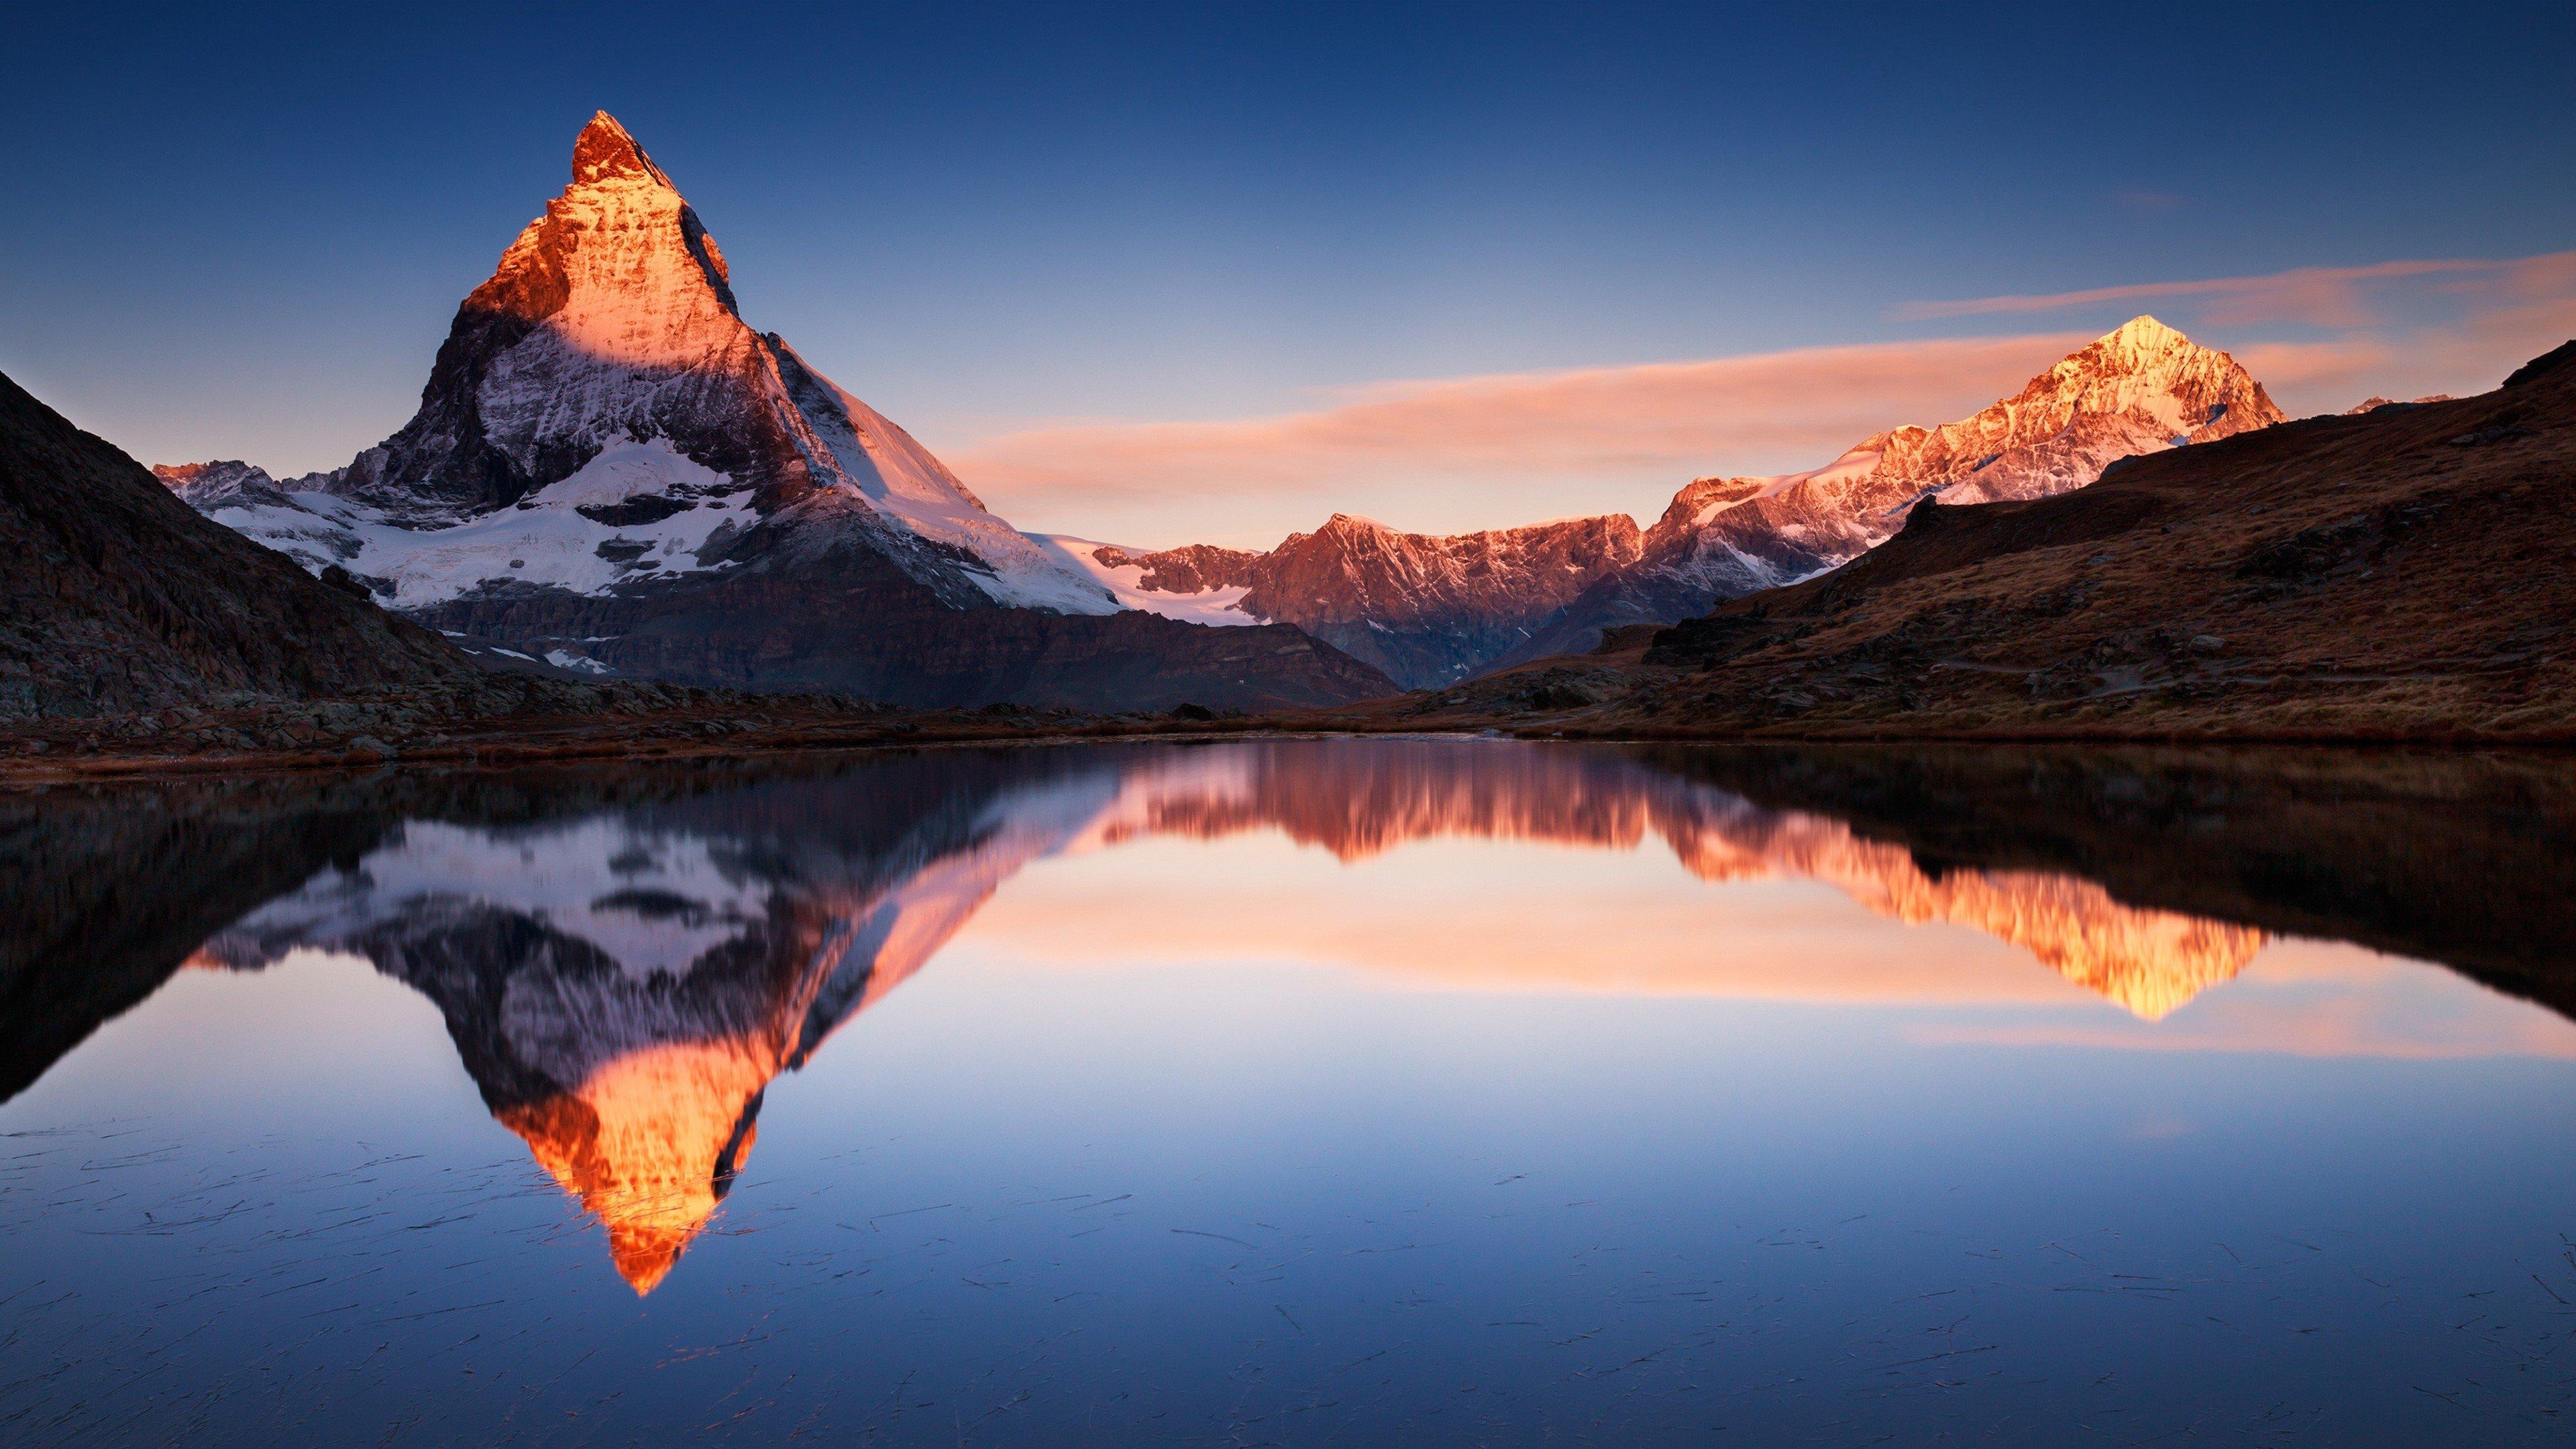 Fondos de pantalla Montañas reflejadas en lago APPLE IOS 10